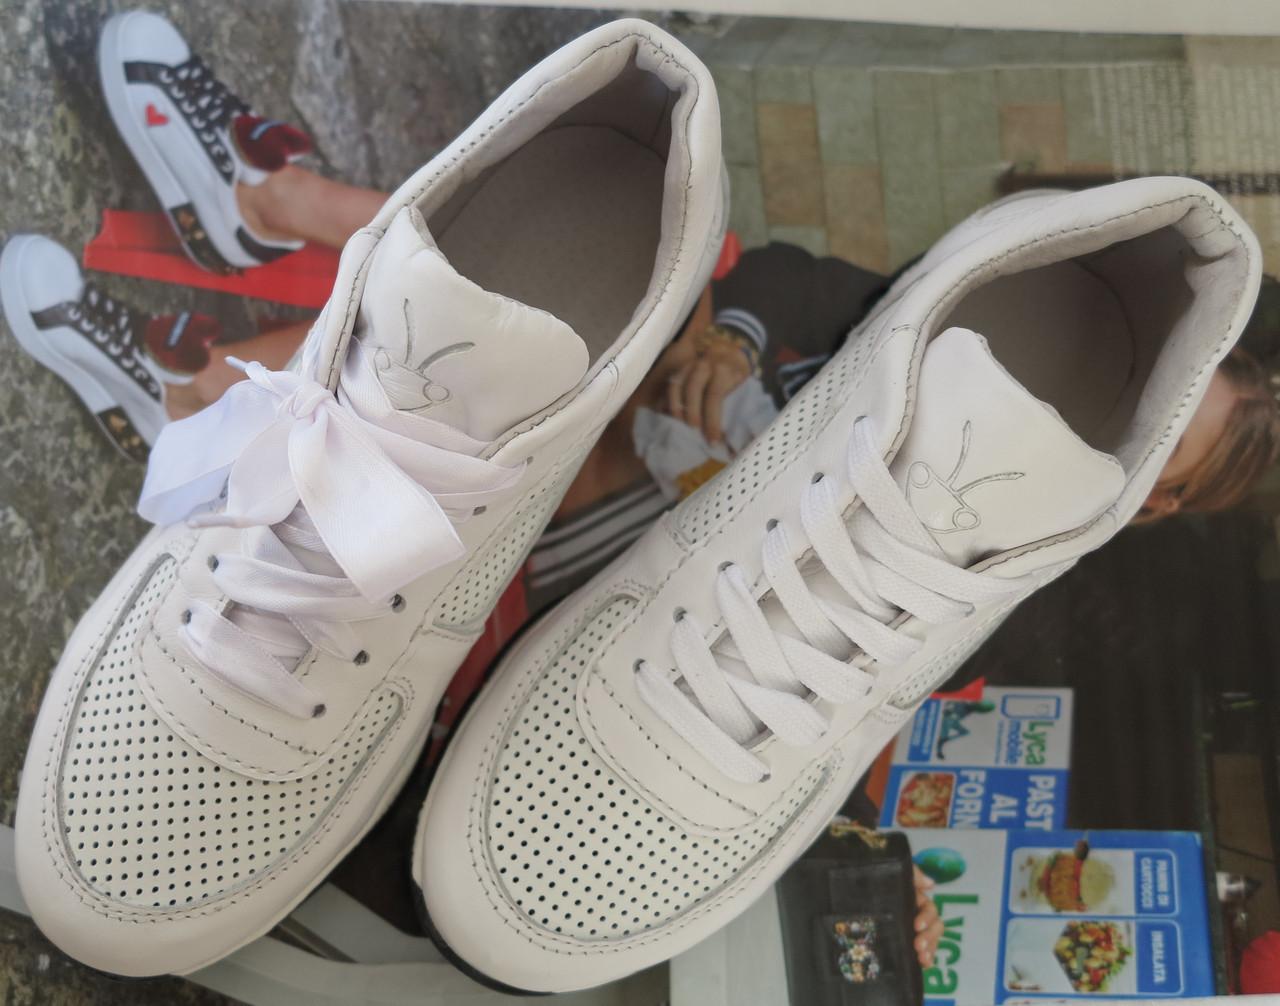 Mante весняні білі шкіряні жіночі кросівки натуральна шкіра замша  перфорація кеди мокасини f3c89797881ca